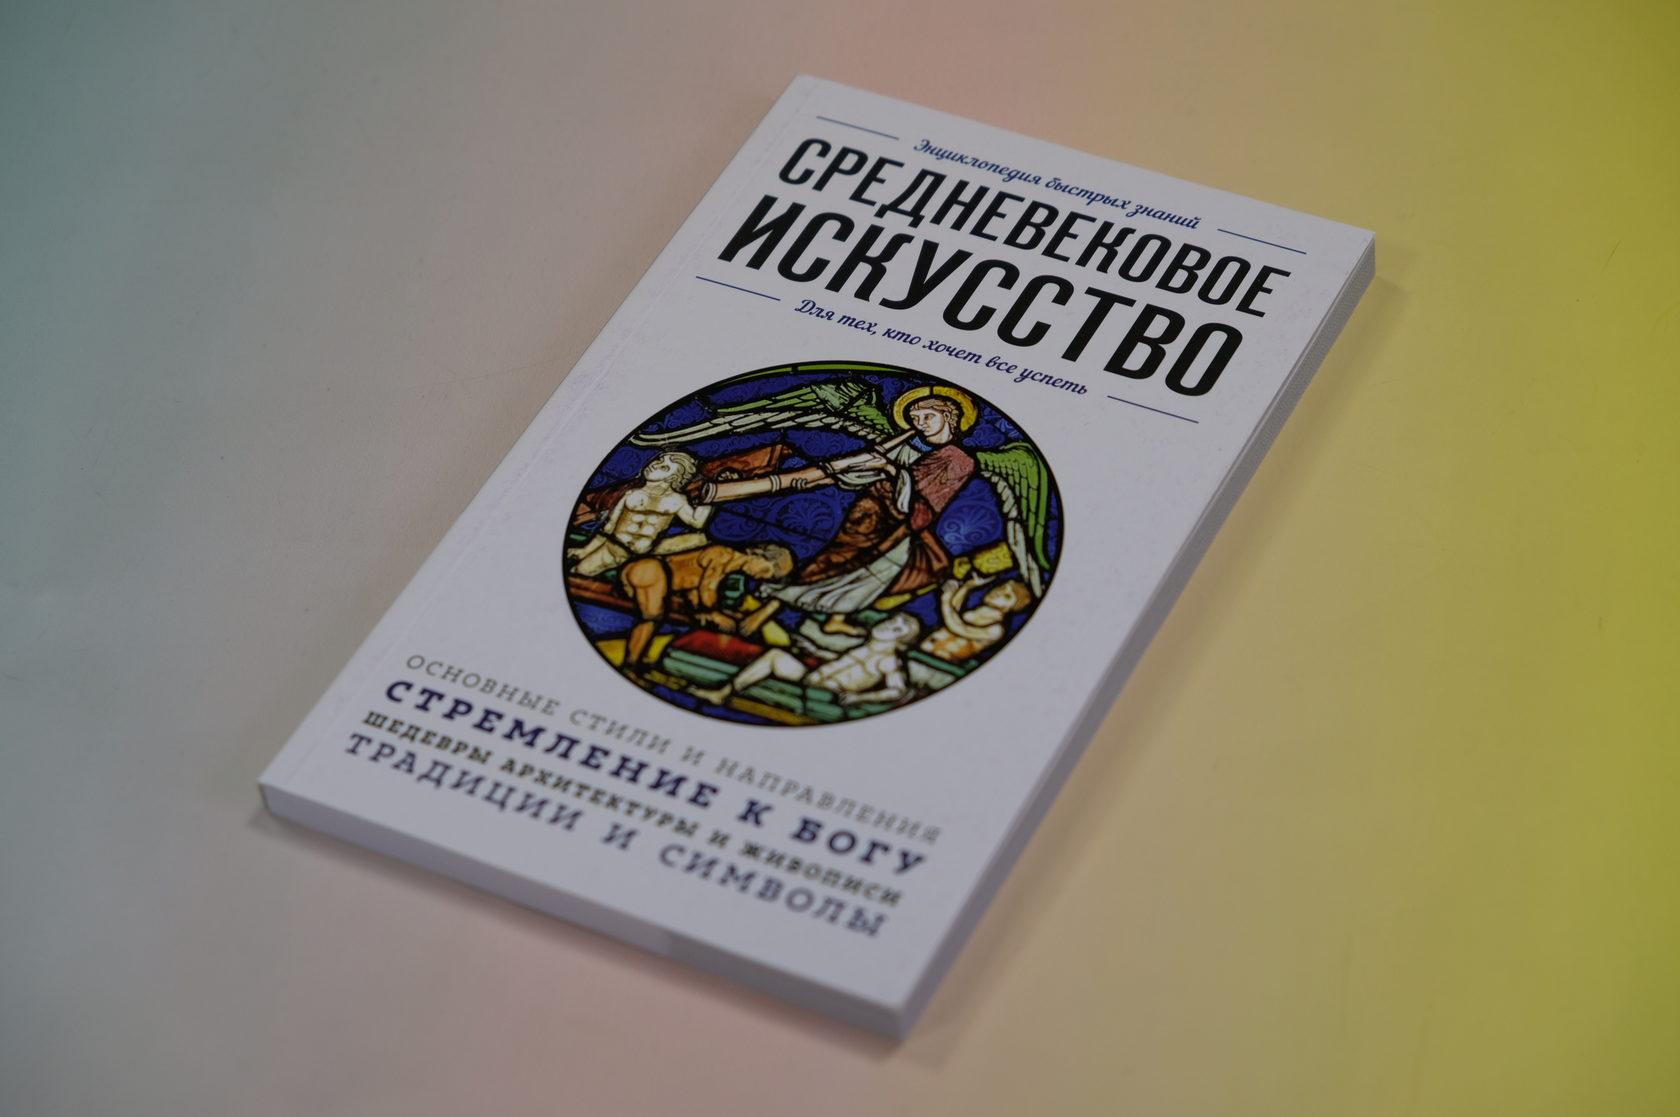 Купить книгу Валерия Черепенчук «Средневековое искусство. Для тех, кто хочет все успеть» 978-5-04-102298-3